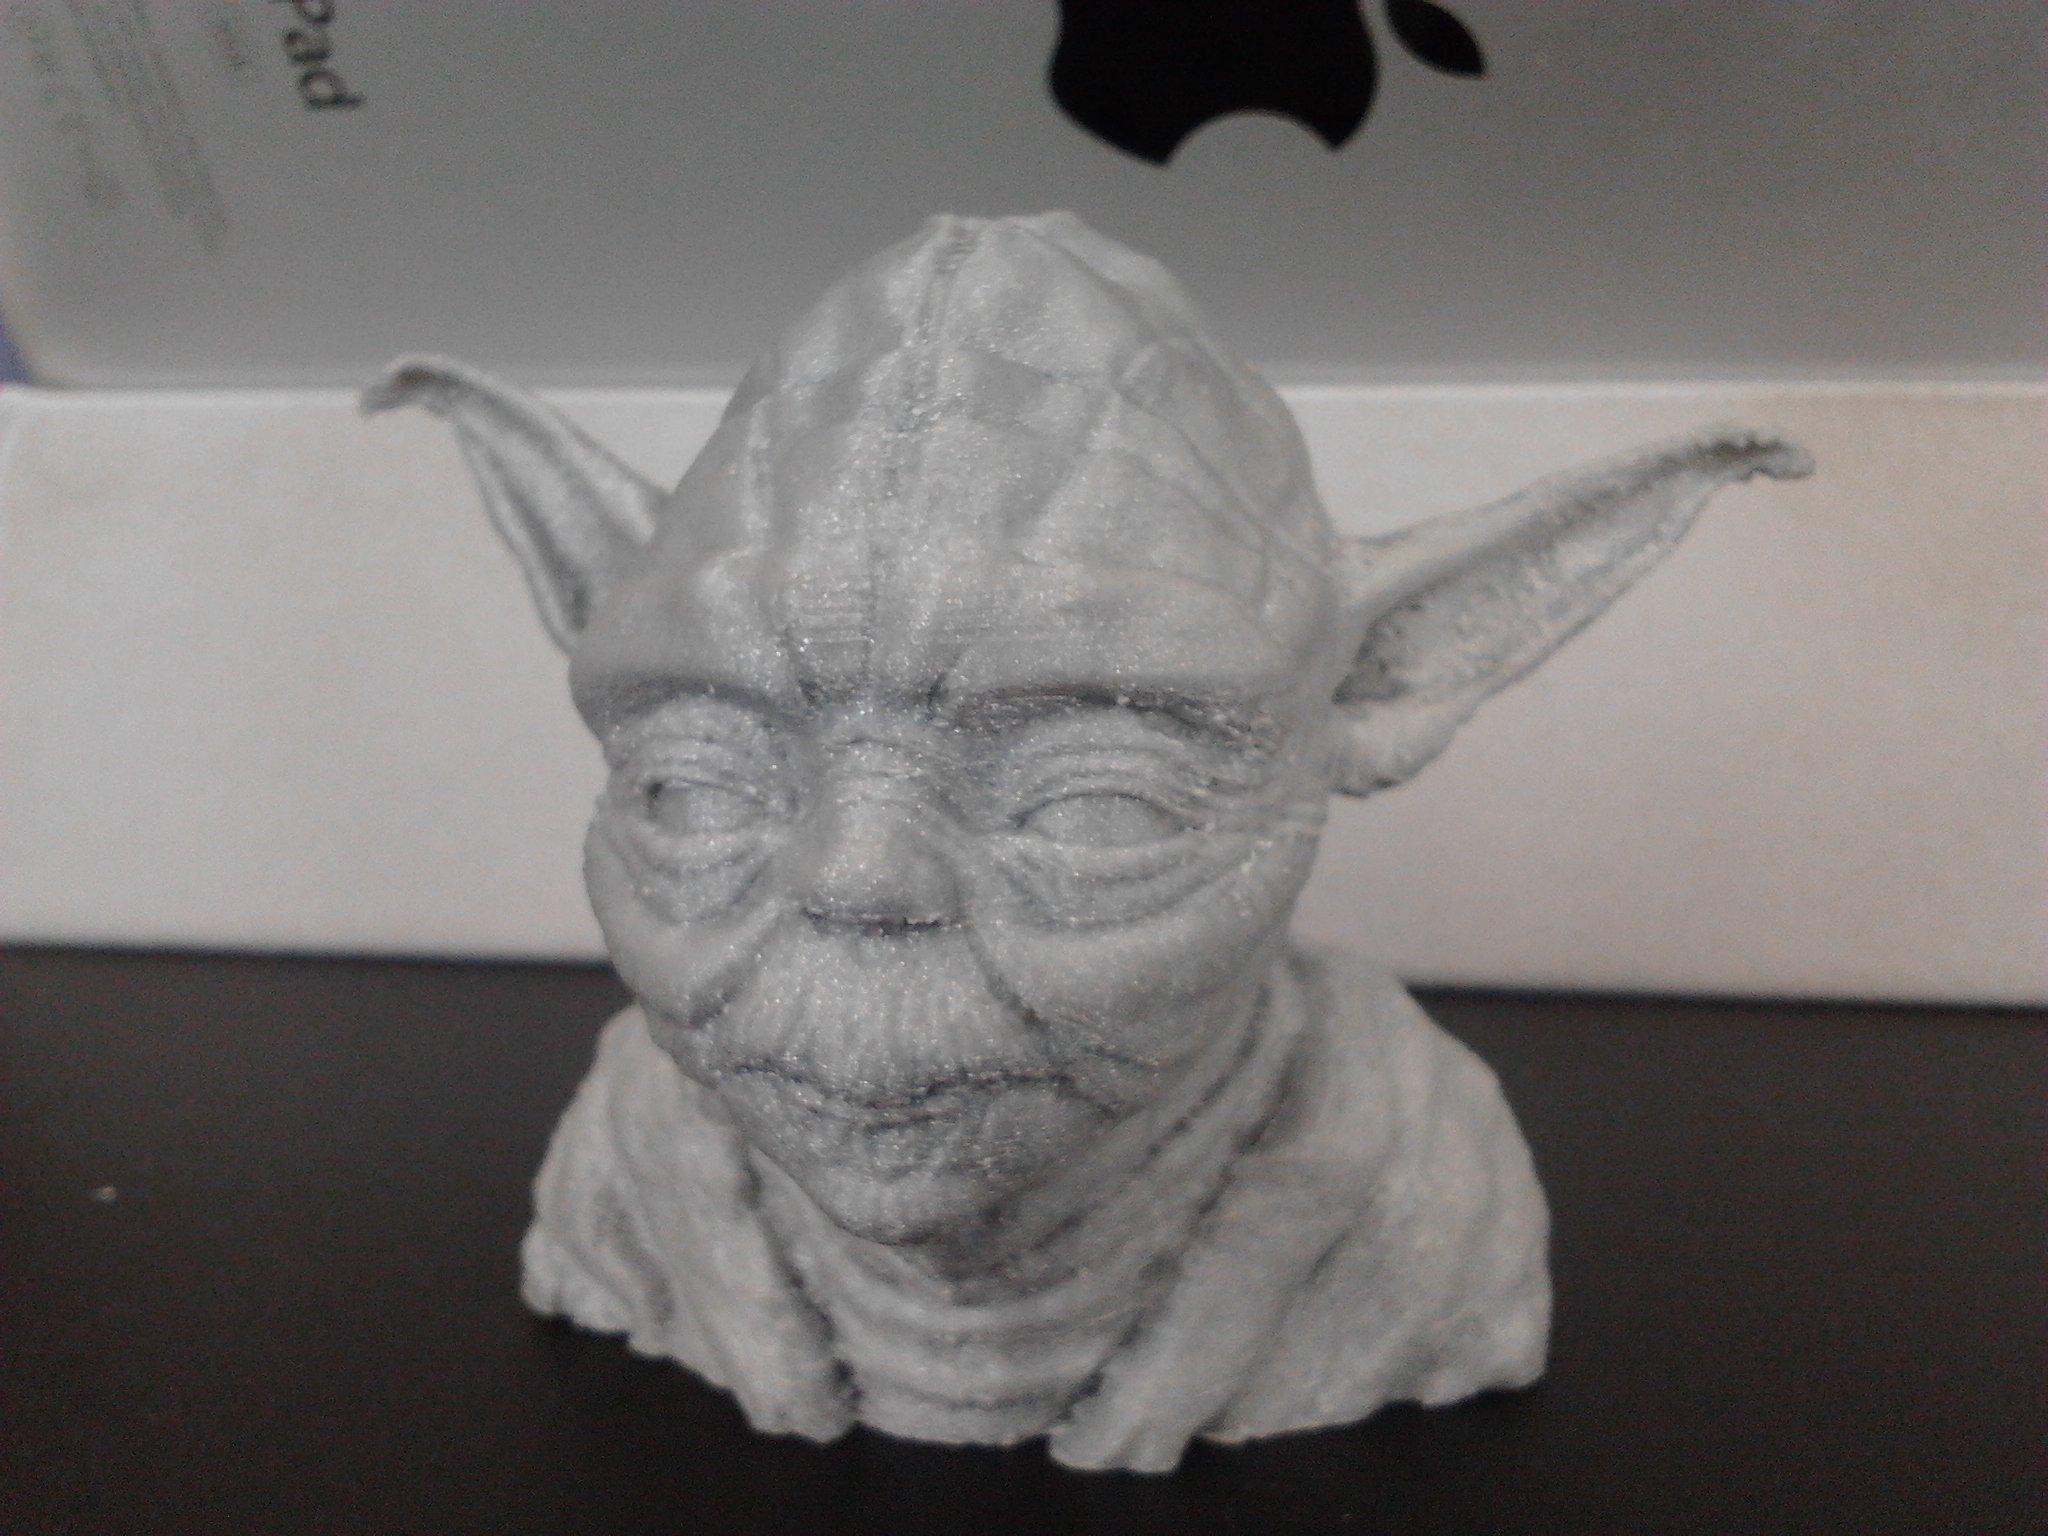 Мастер Йода нашел воплощение на 3д принтере=) - Изображение 2